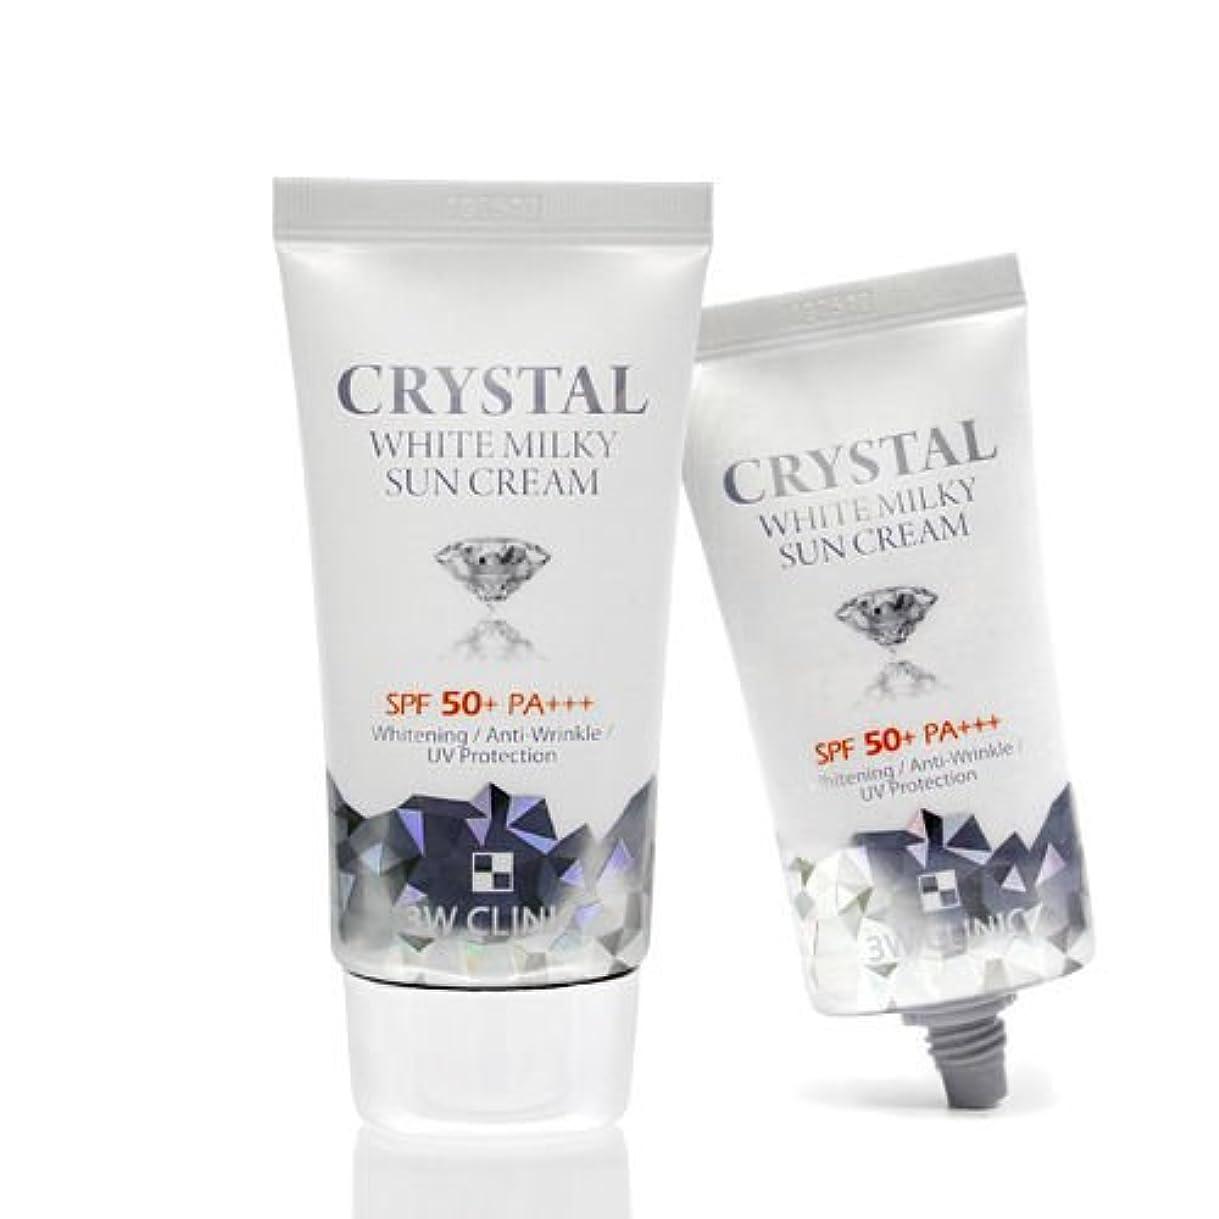 地味な時代ゴシップ3Wクリニック[韓国コスメ3w Clinic]Crystal White Milky Sun Cream クリスタルホワイトミルキー 日焼け止めクリーム50ml[並行輸入品]